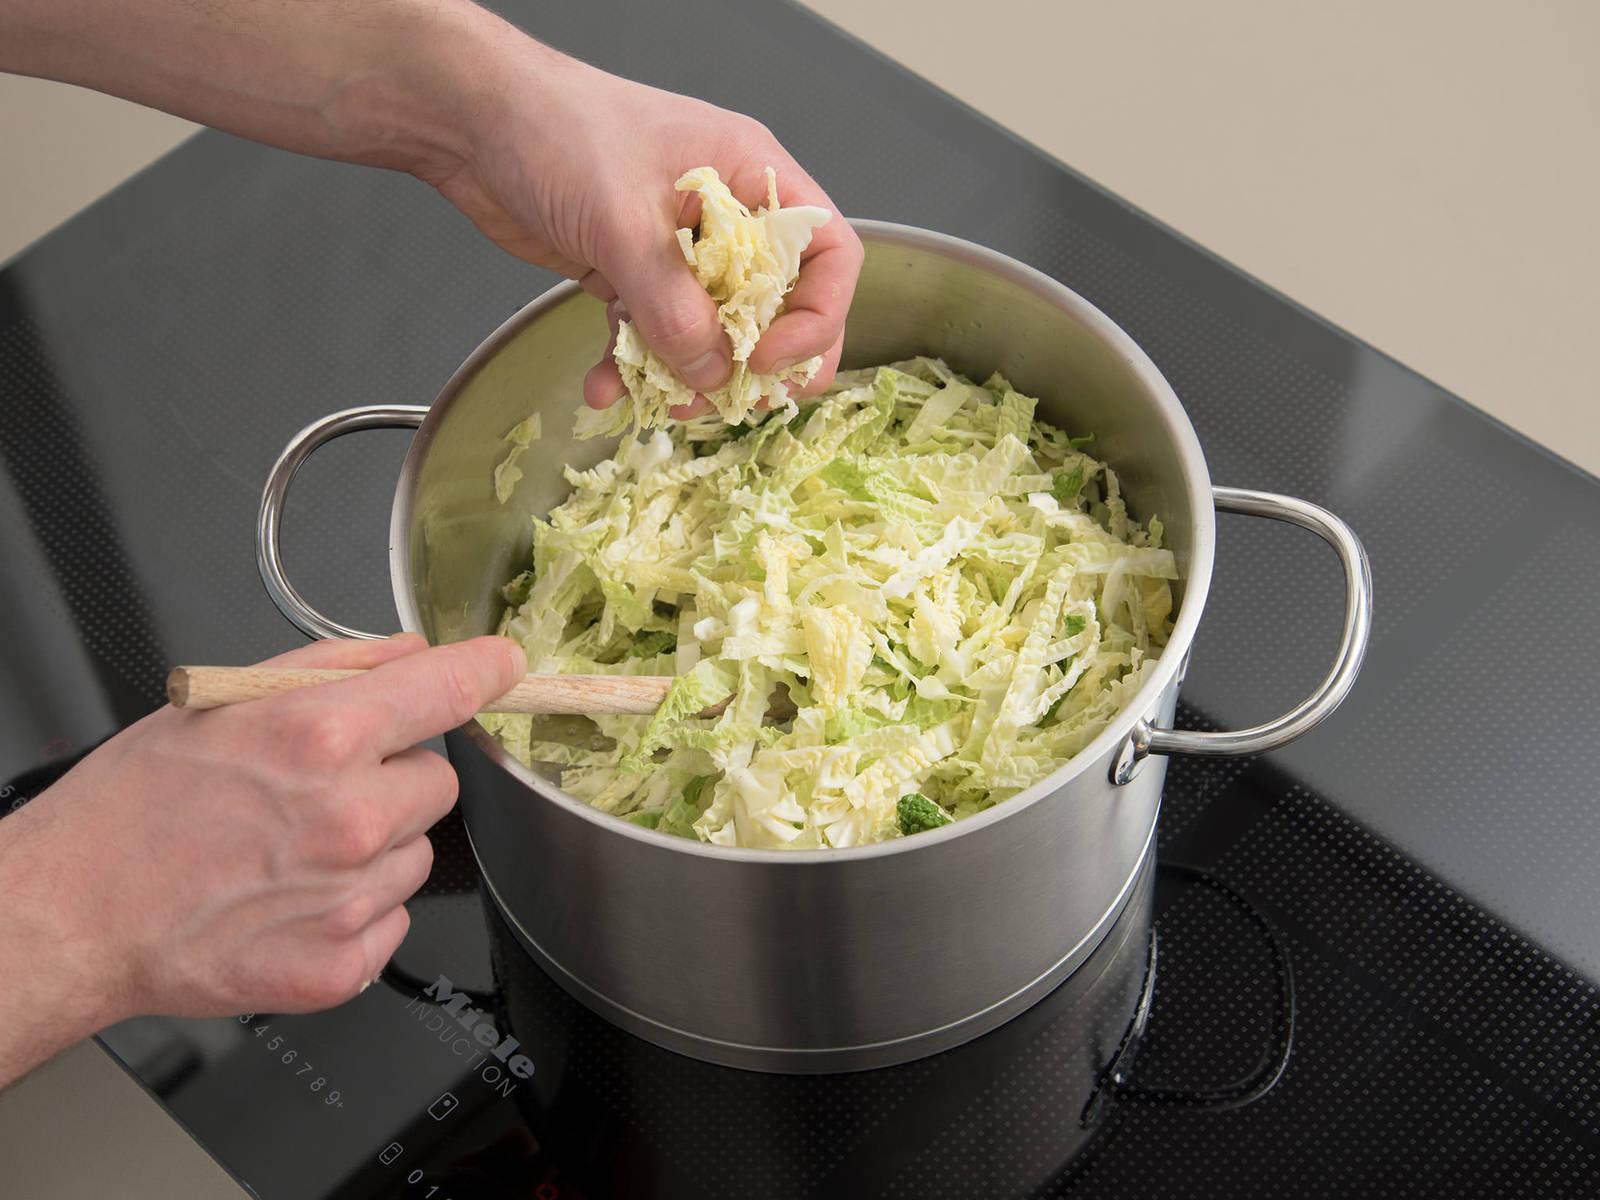 在大锅中,加热些许油,炒香蒜。倒入甘蓝,撒盐与胡椒调味,炒10分钟。